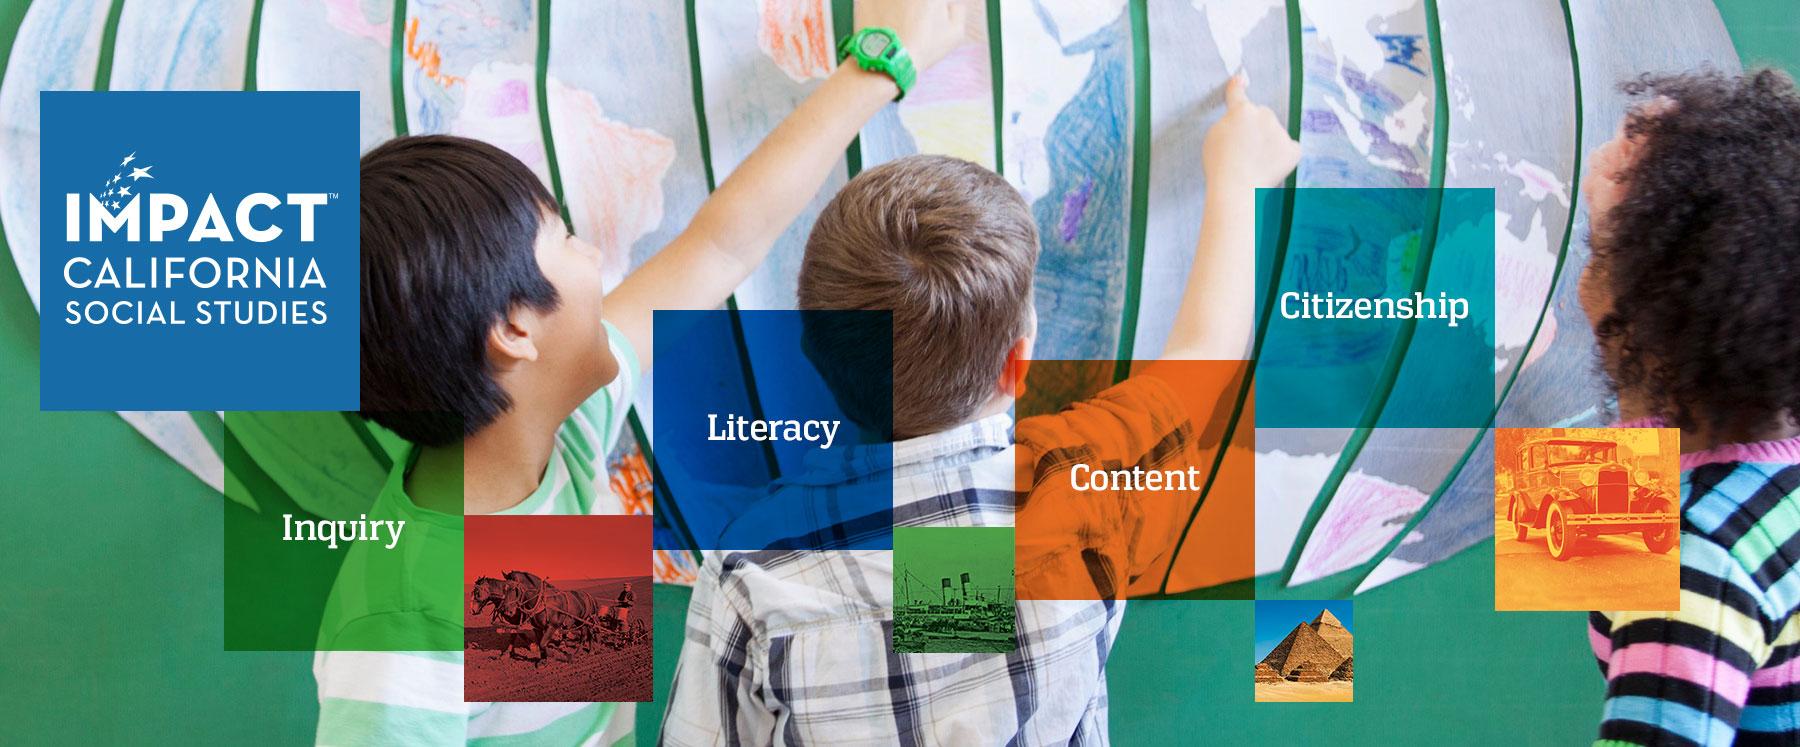 Social Studies Slide 1